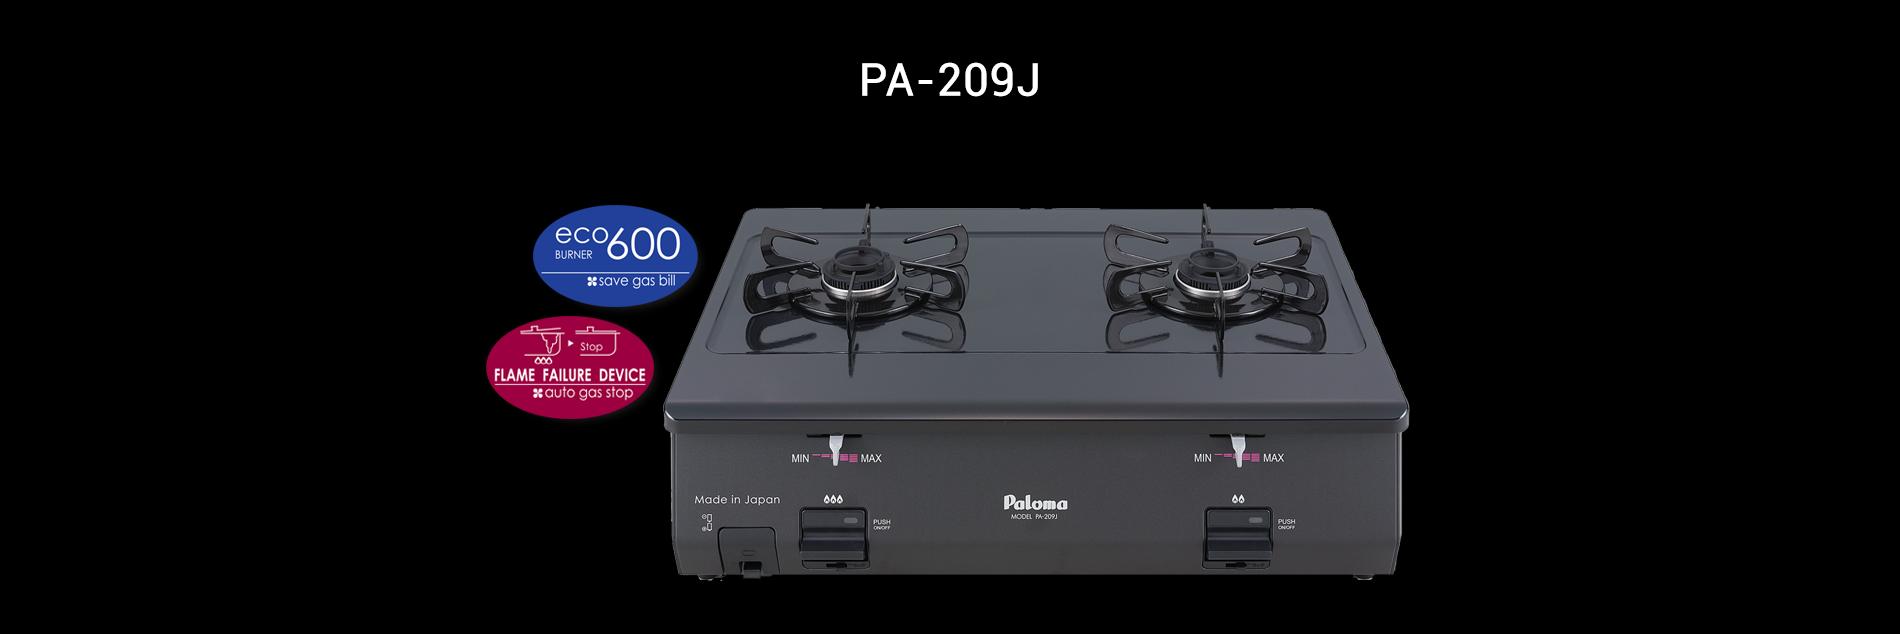 PA-209J